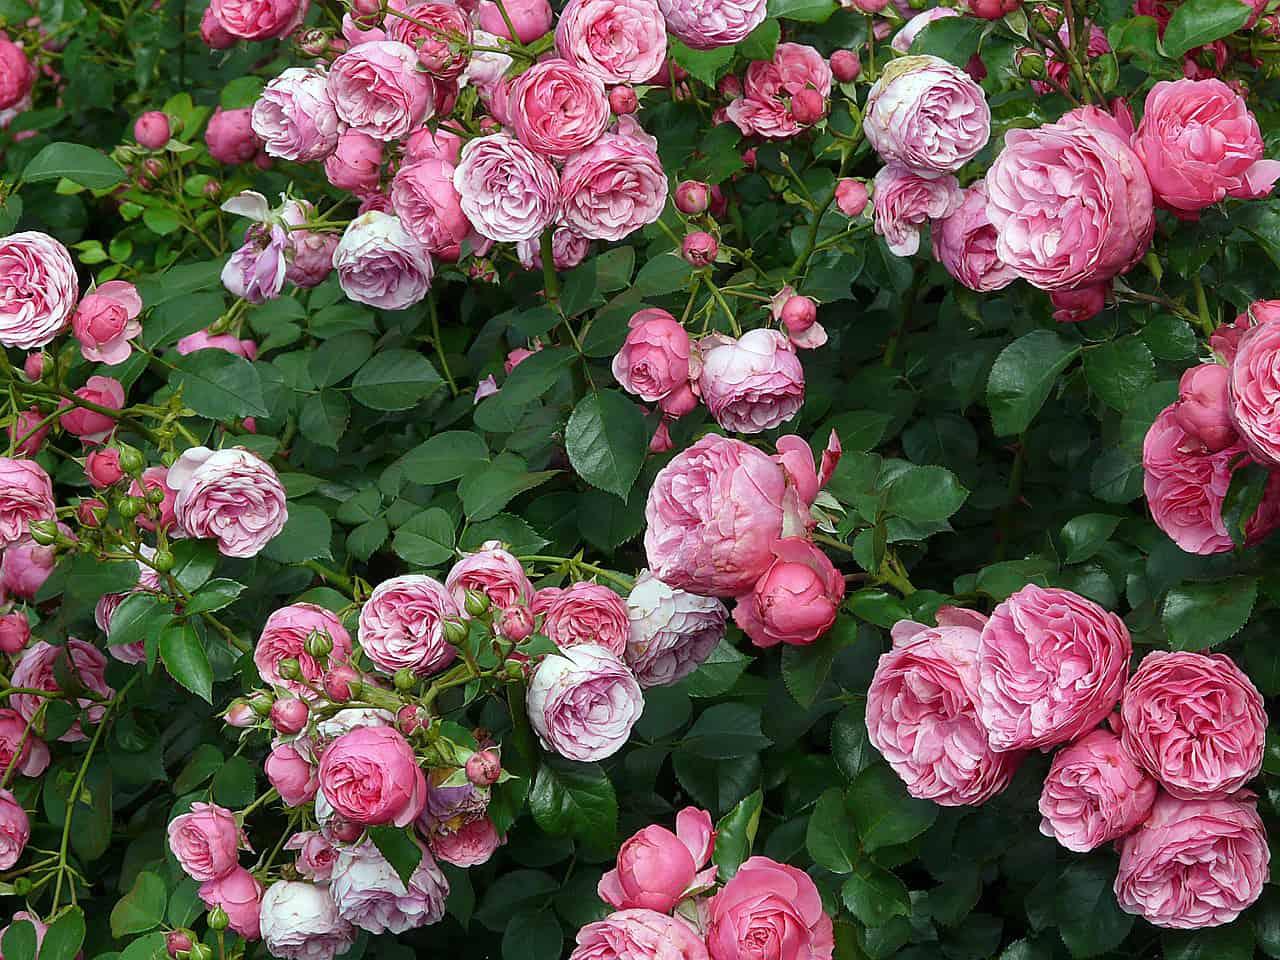 Vom Boden bis zur Blüte: Tipps für gesunde und schöne Rosen